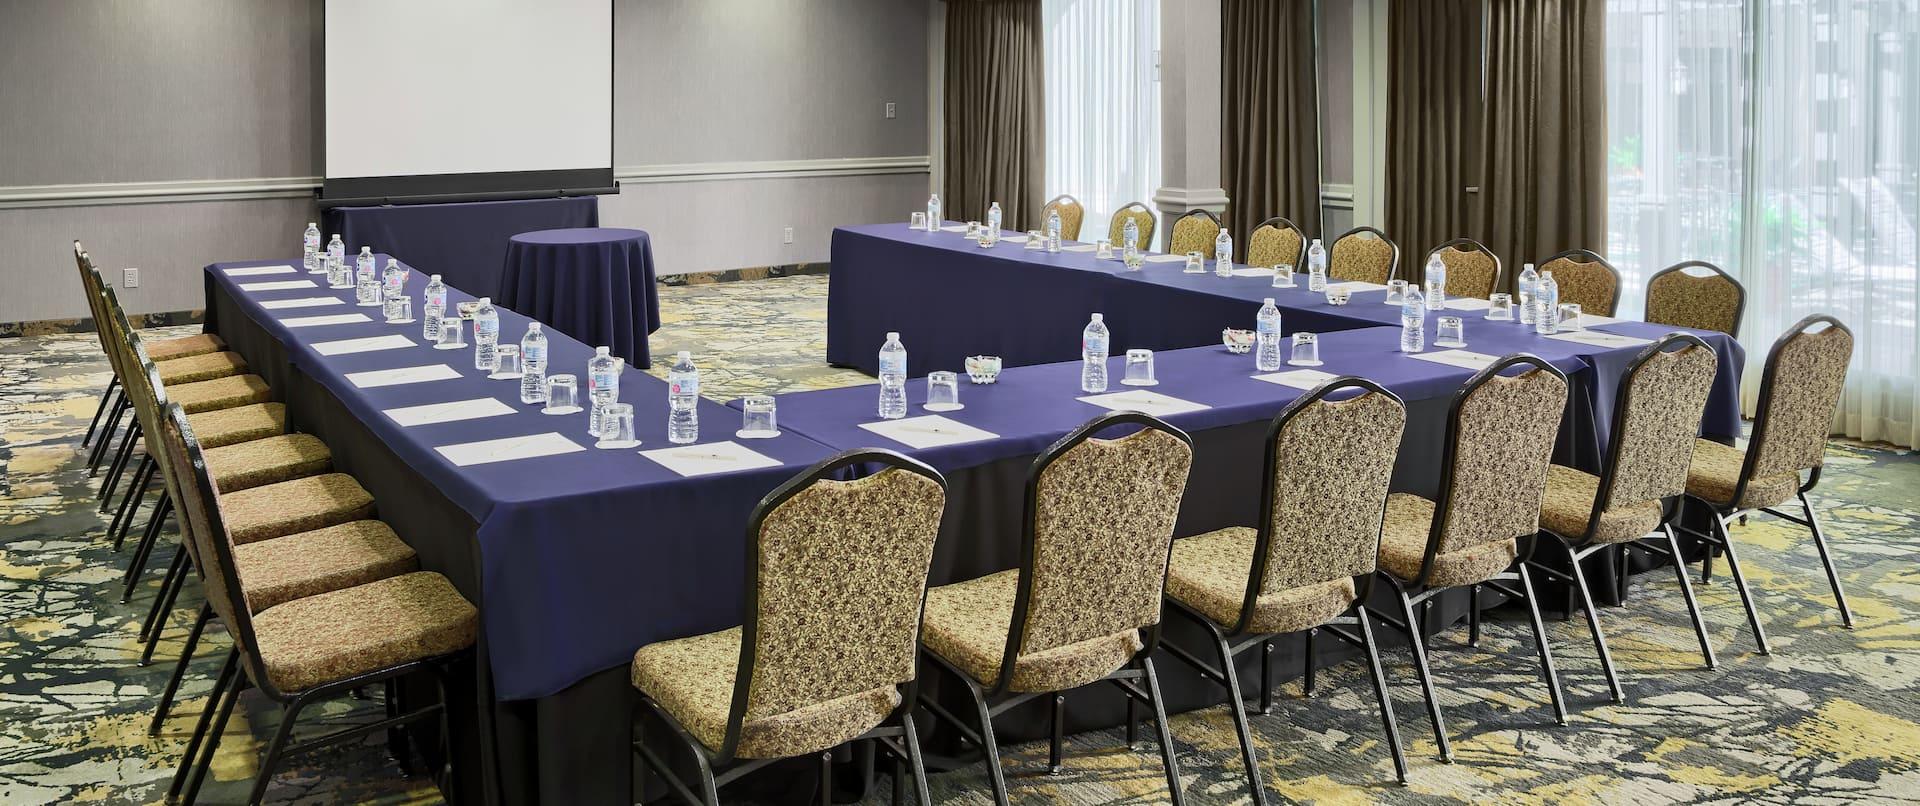 Alameda Meeting Room